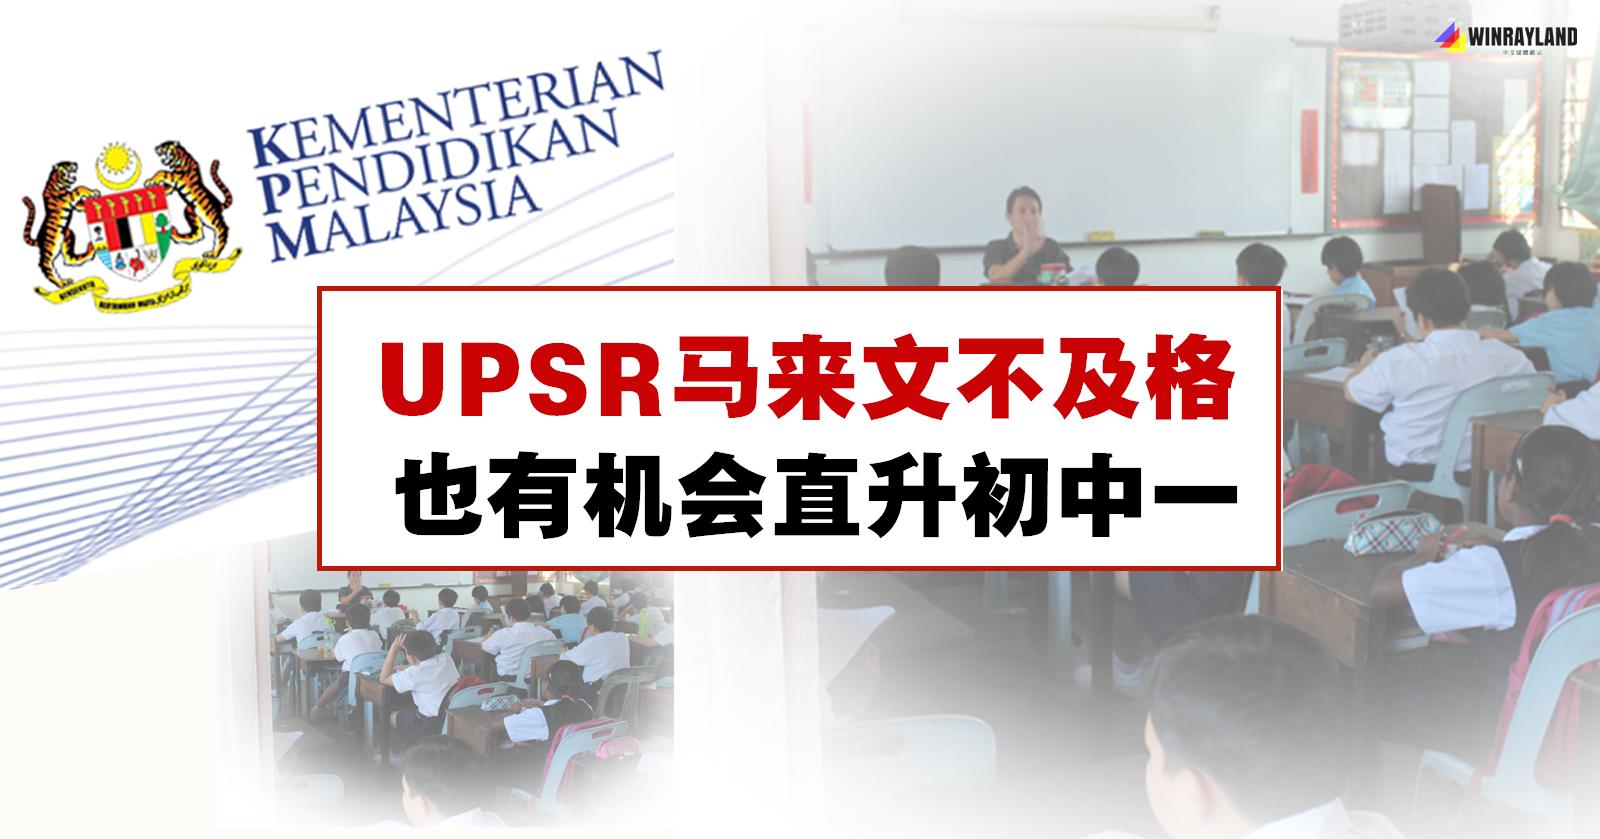 UPSR马来文不及格,也有机会直升初中一